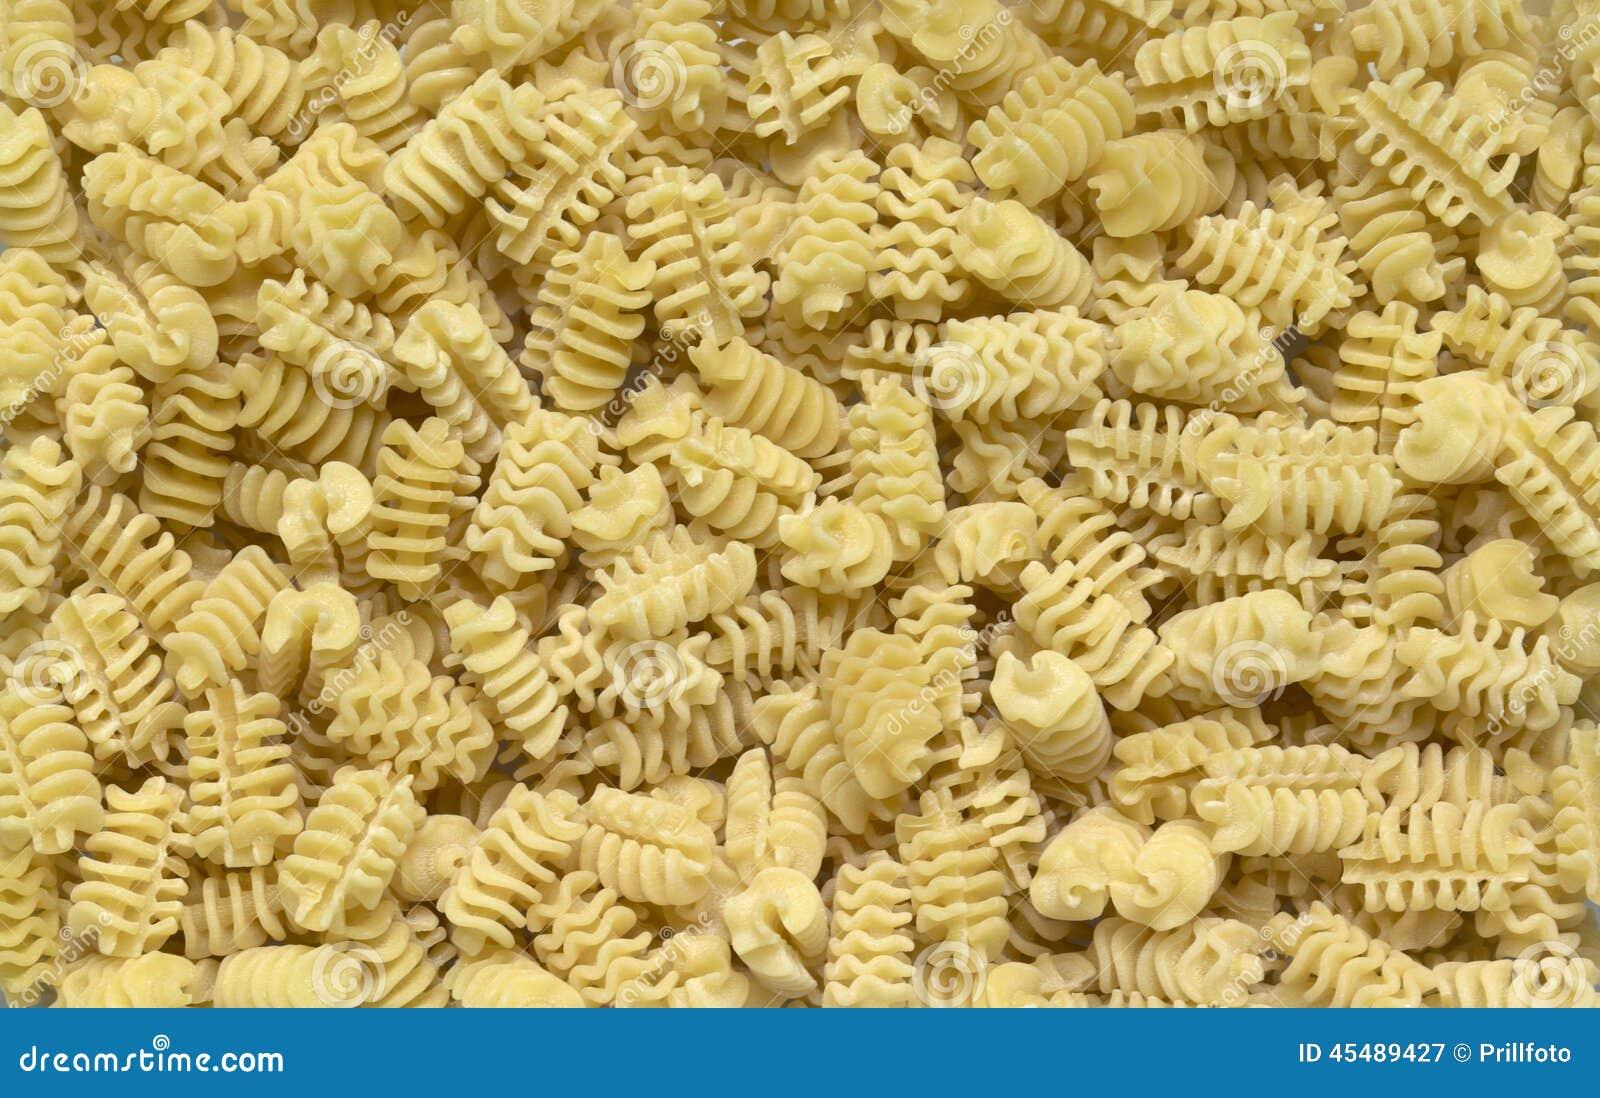 意大利意大利面食背景